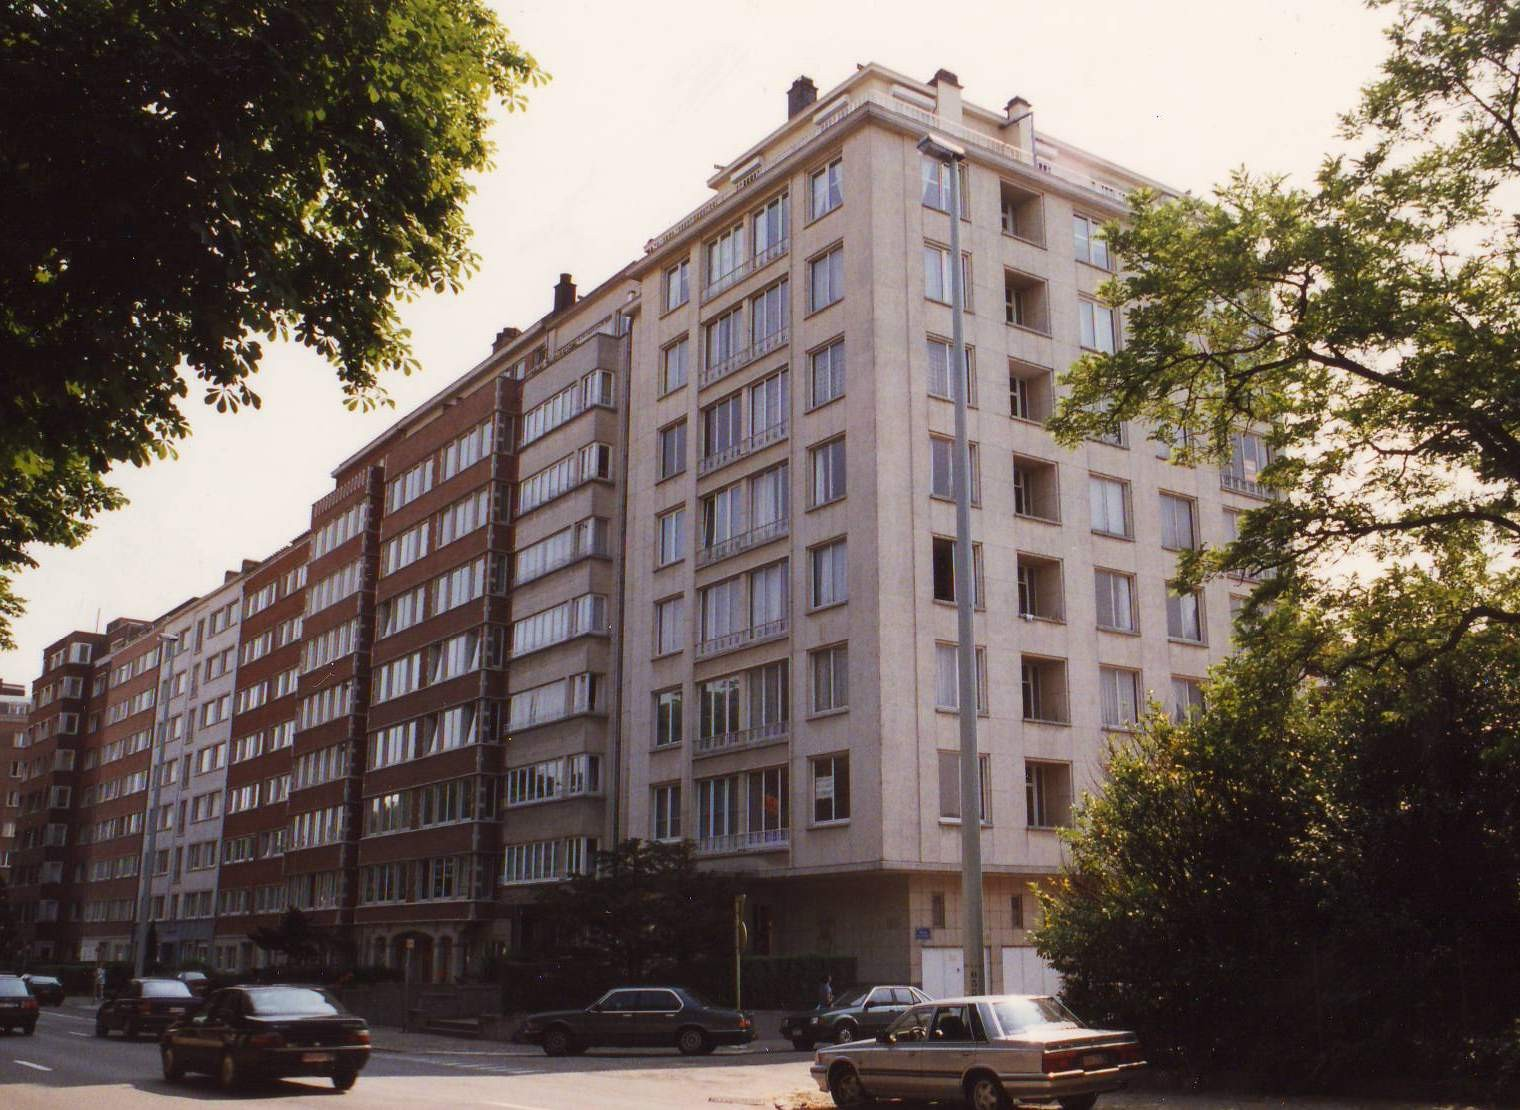 Boulevard Louis Schmidt, côté impair: enfilade d\'immeubles à appartements., 1994